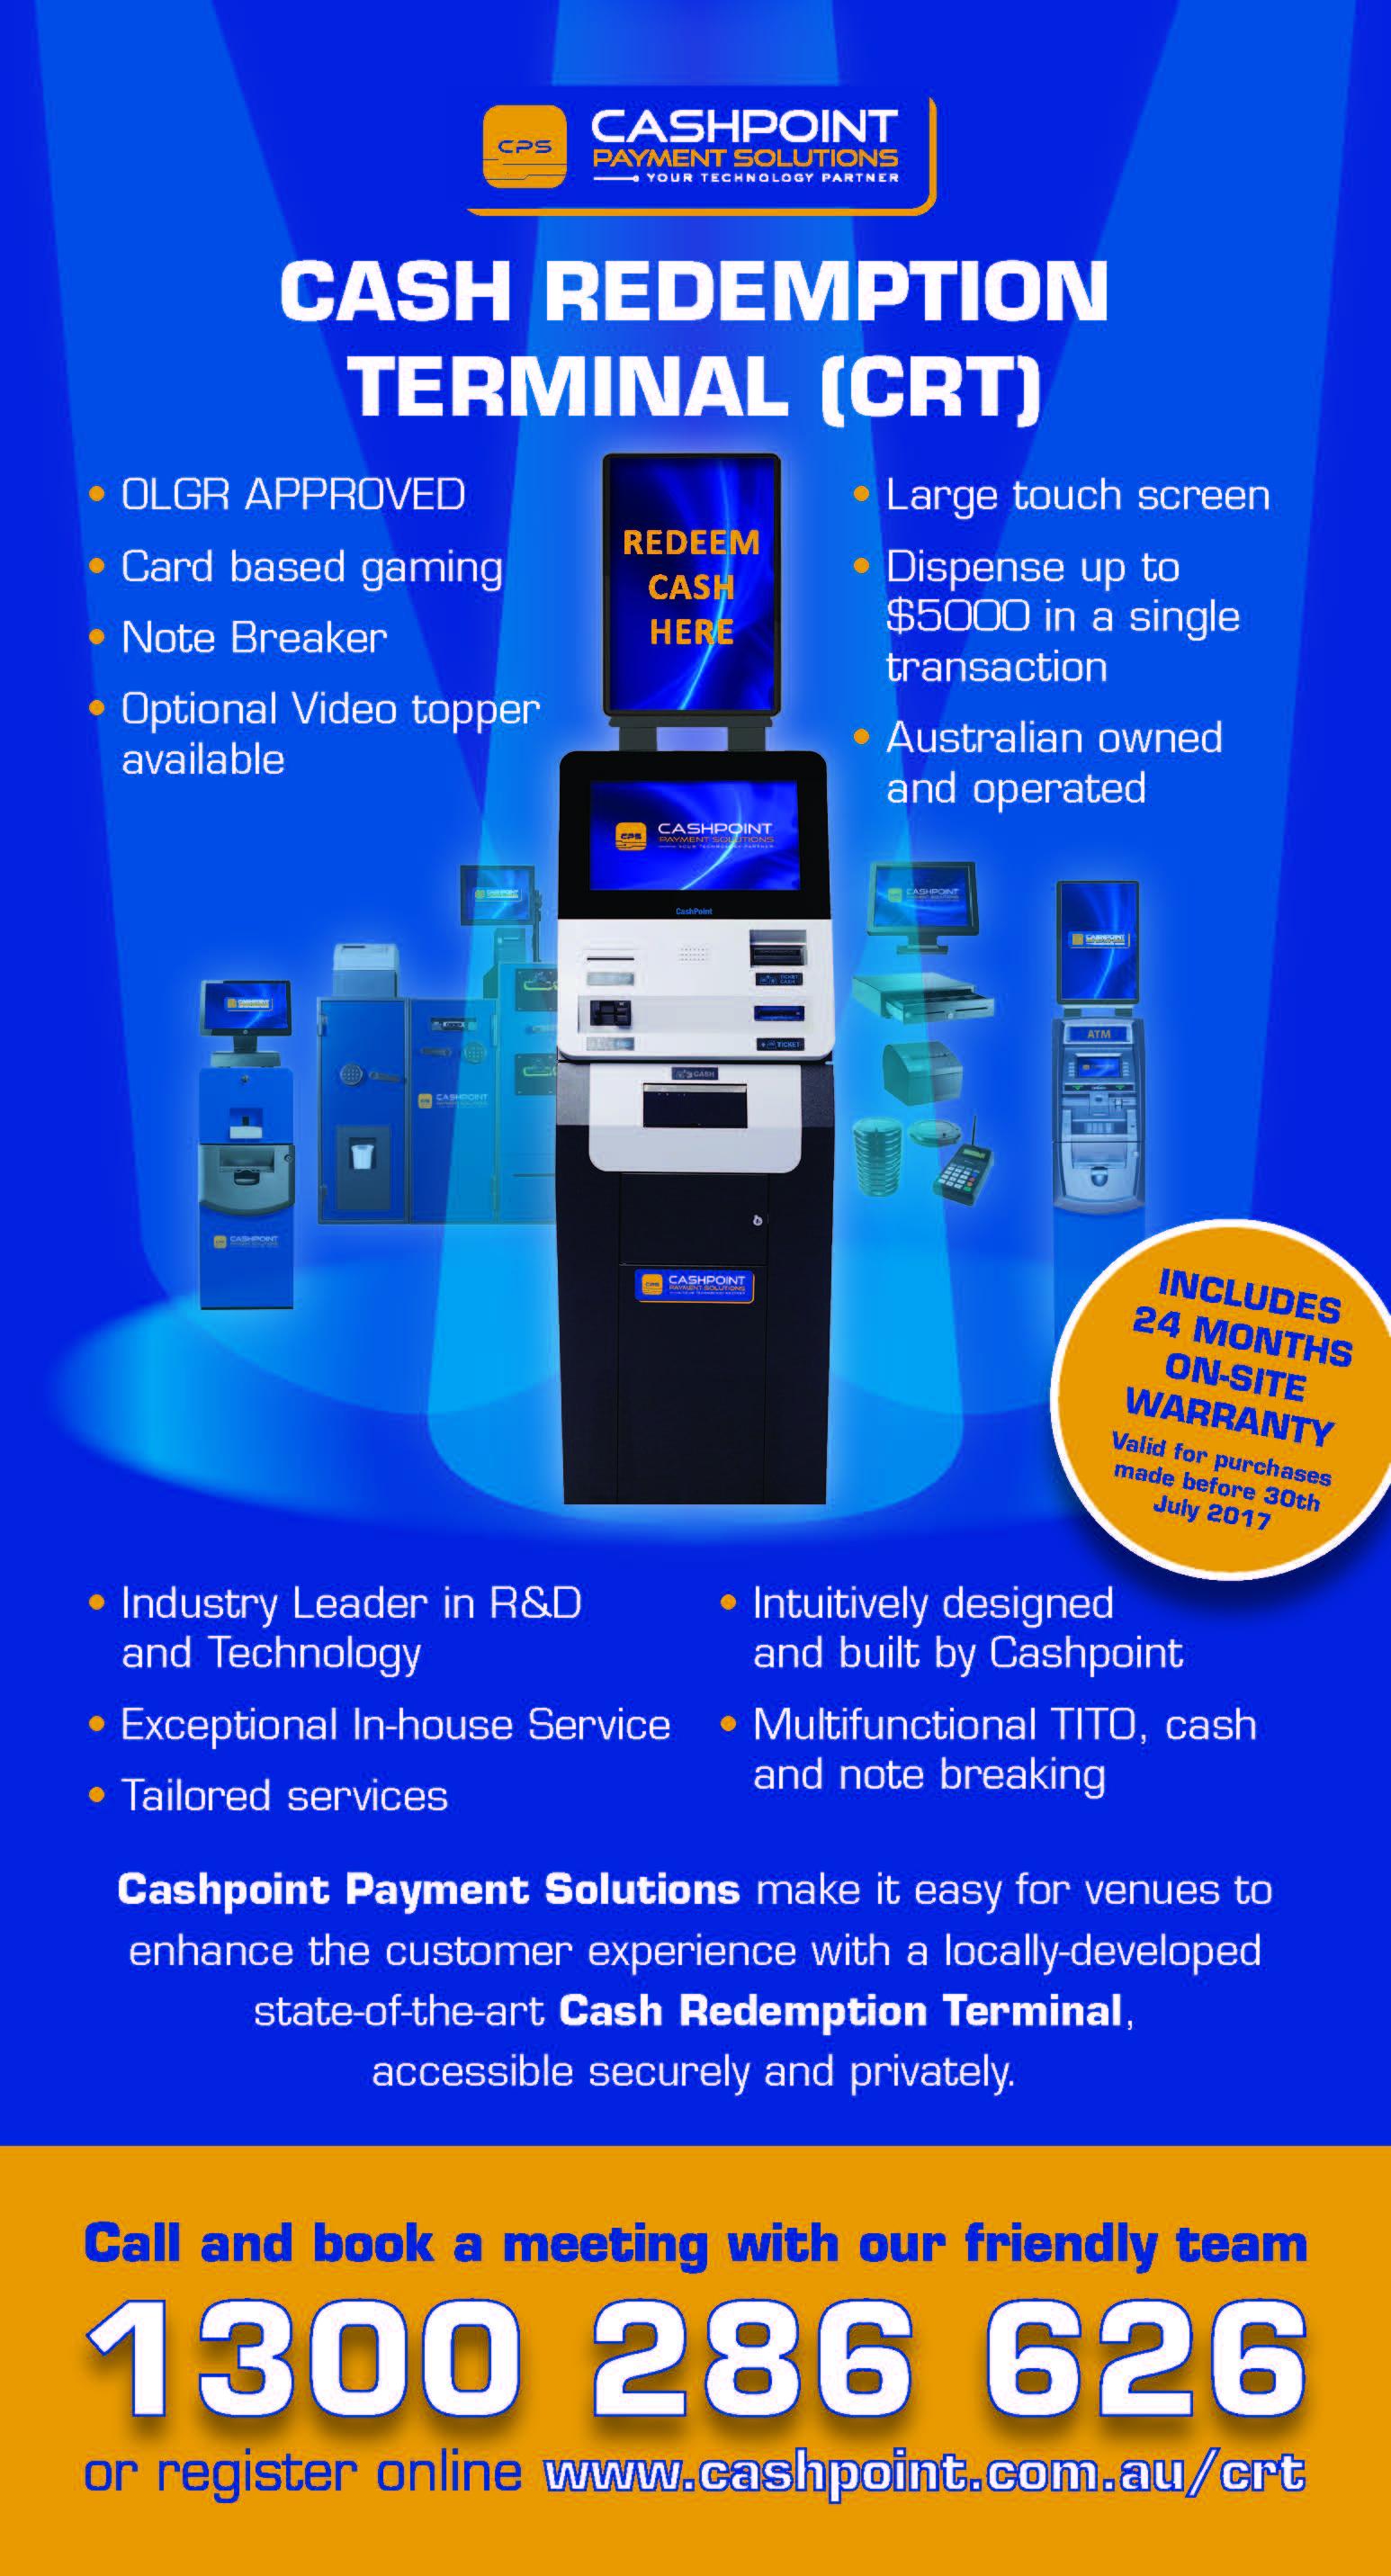 Cash Redemption terminal (CRT)